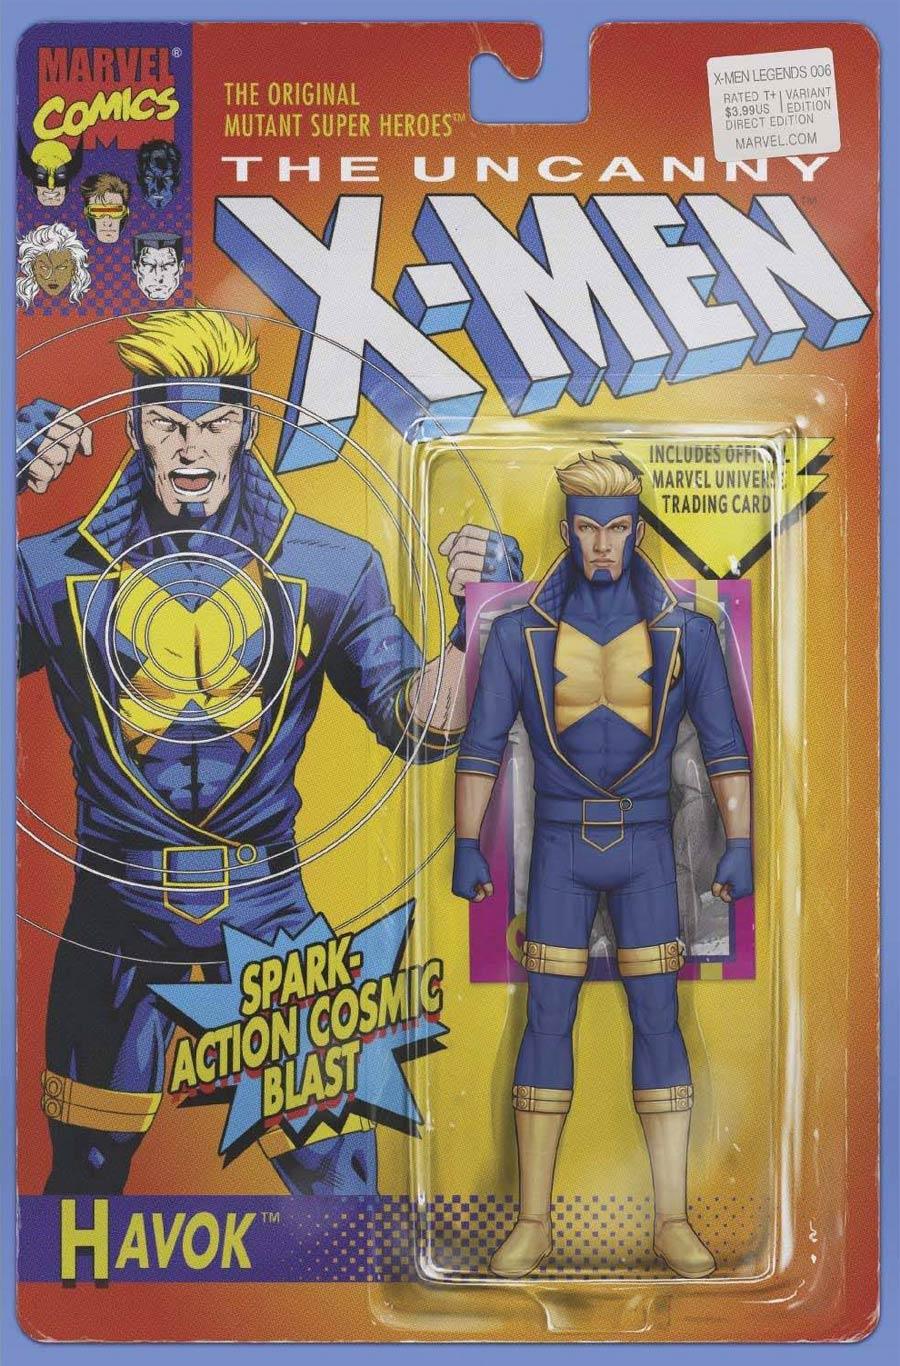 X-Men Legends #6 Cover B Variant John Tyler Christopher Action Figure Cover